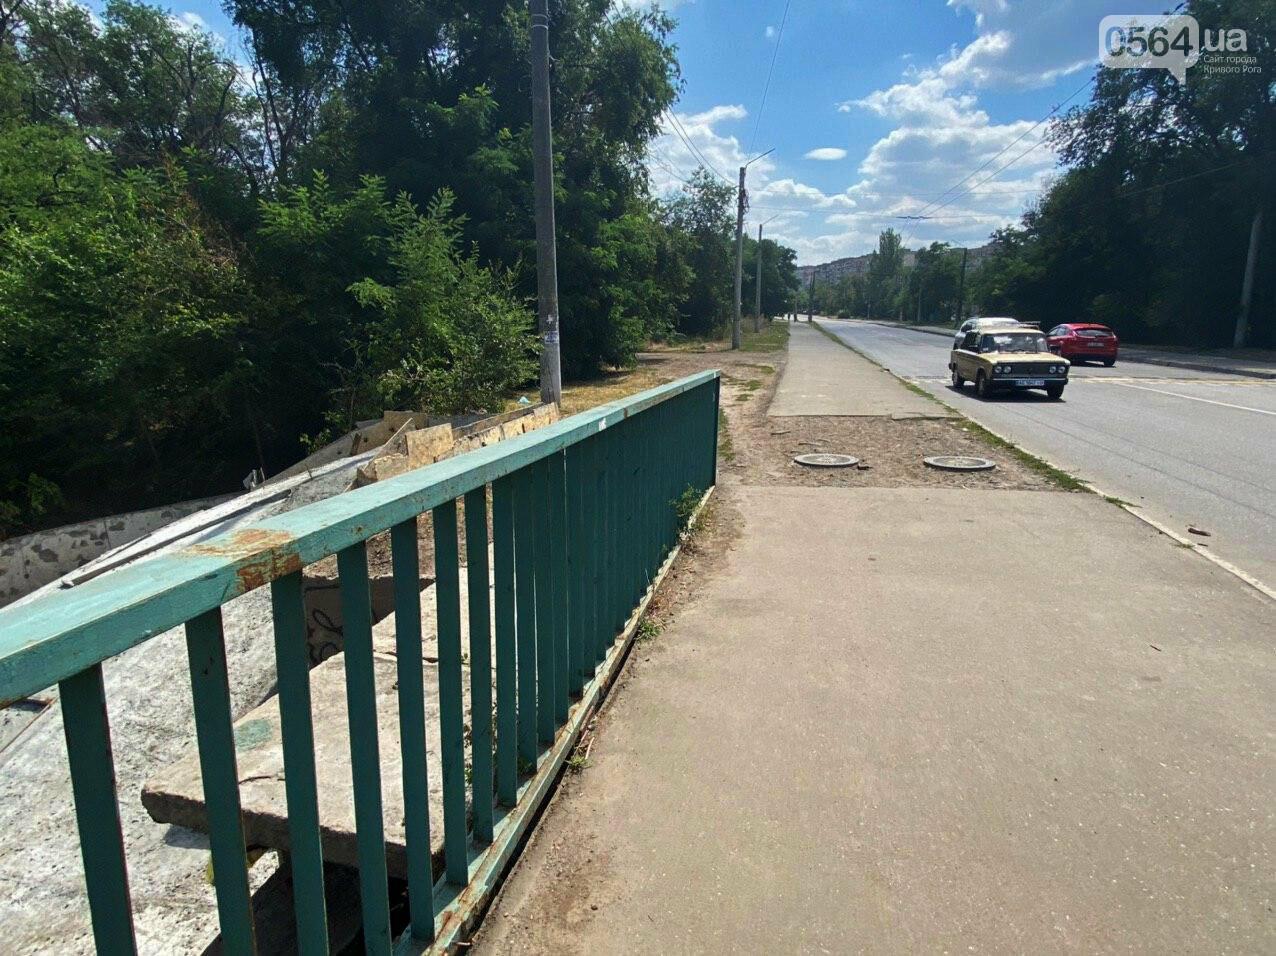 В Кривом Роге опять ремонтируют мост, где 5 лет назад произошло ЧП, - ФОТО , фото-25